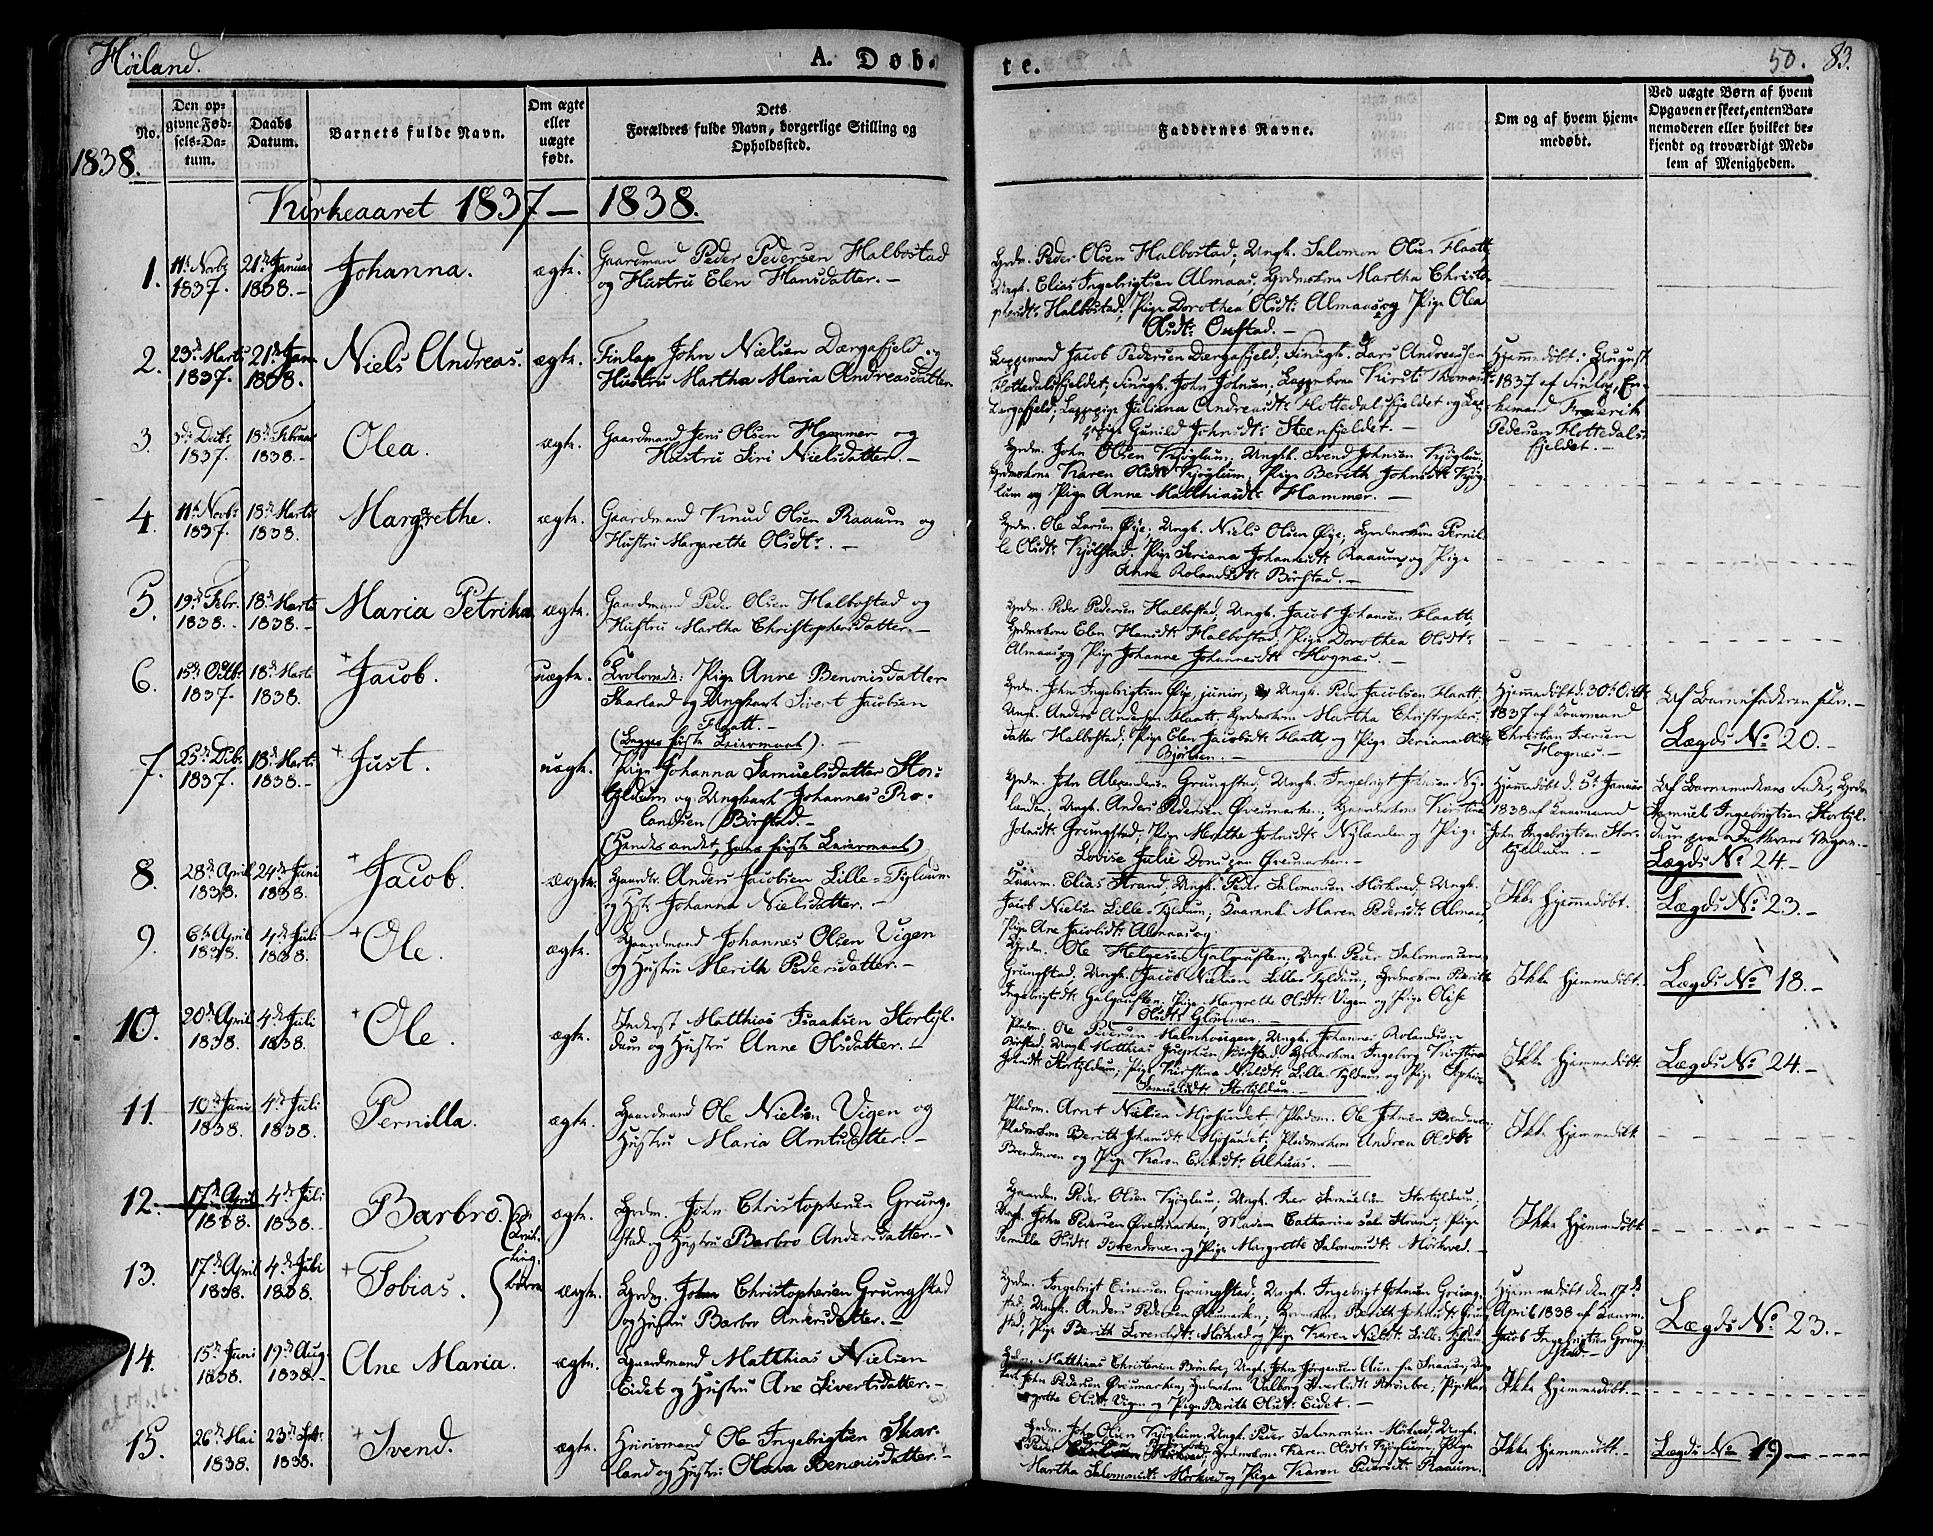 SAT, Ministerialprotokoller, klokkerbøker og fødselsregistre - Nord-Trøndelag, 758/L0510: Ministerialbok nr. 758A01 /2, 1821-1841, s. 50